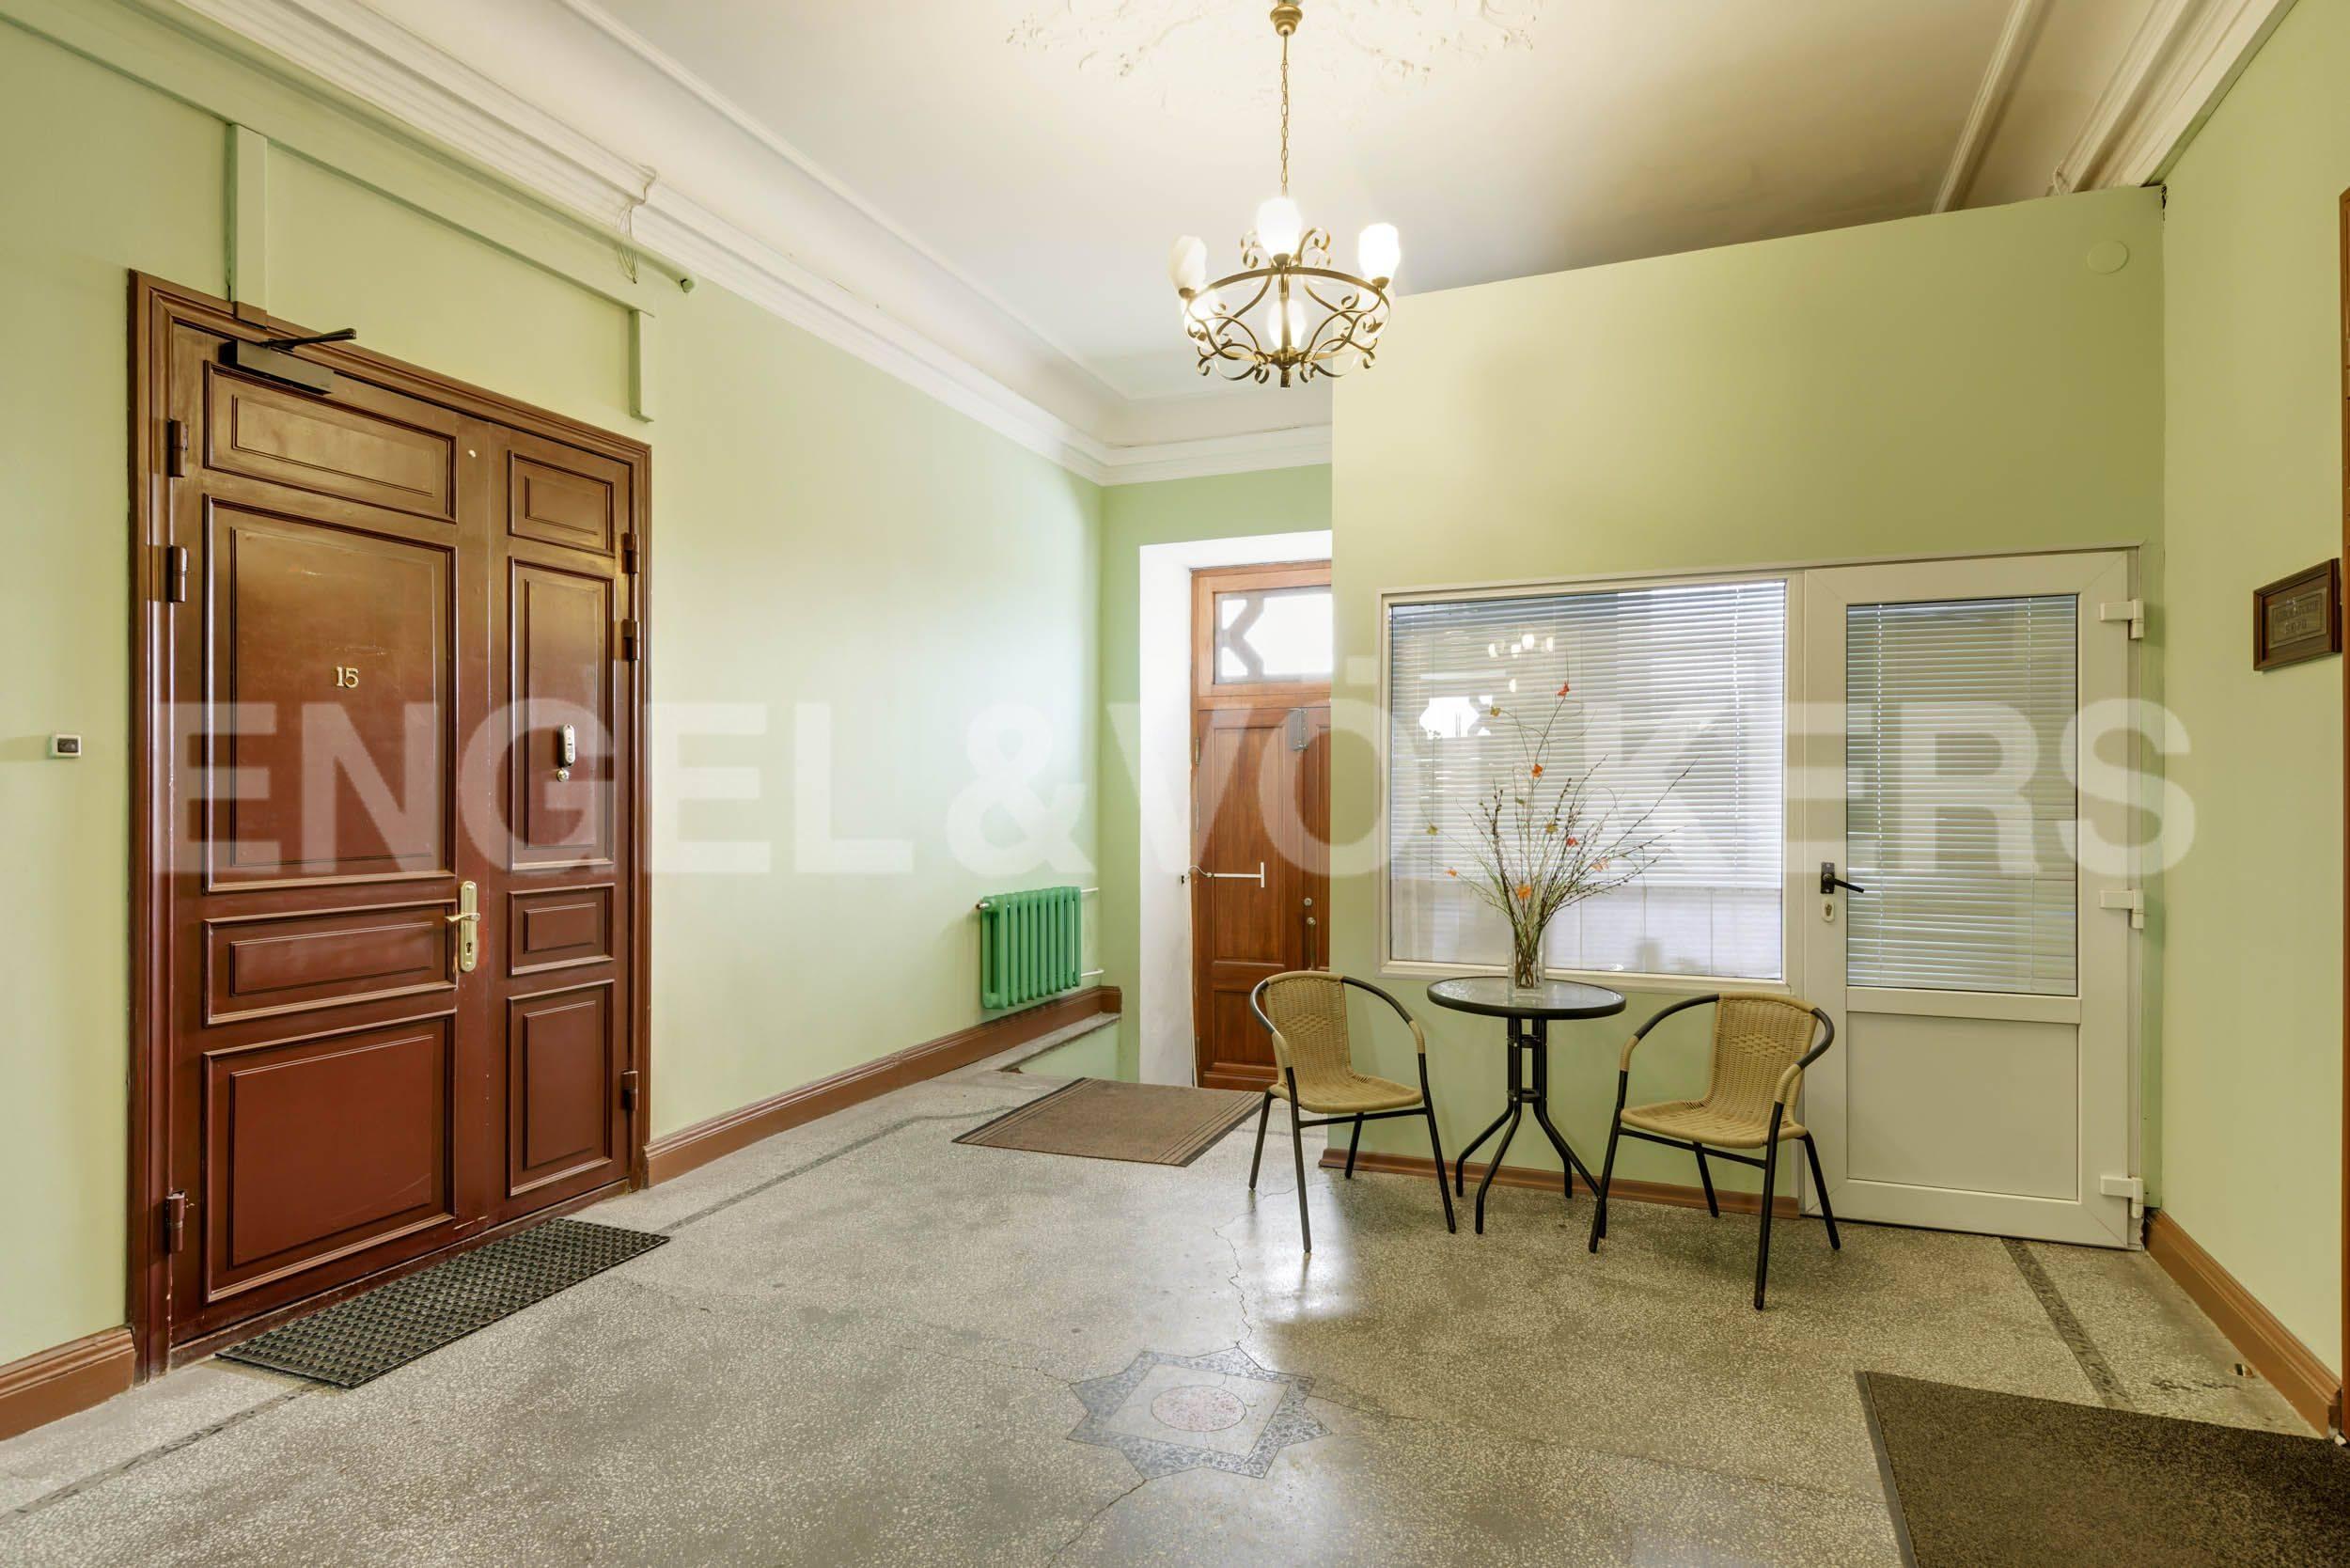 Элитные квартиры в Центральный р-н. Санкт-Петербург, Марсово поле, 3. Служба консьерж 24 в парадной